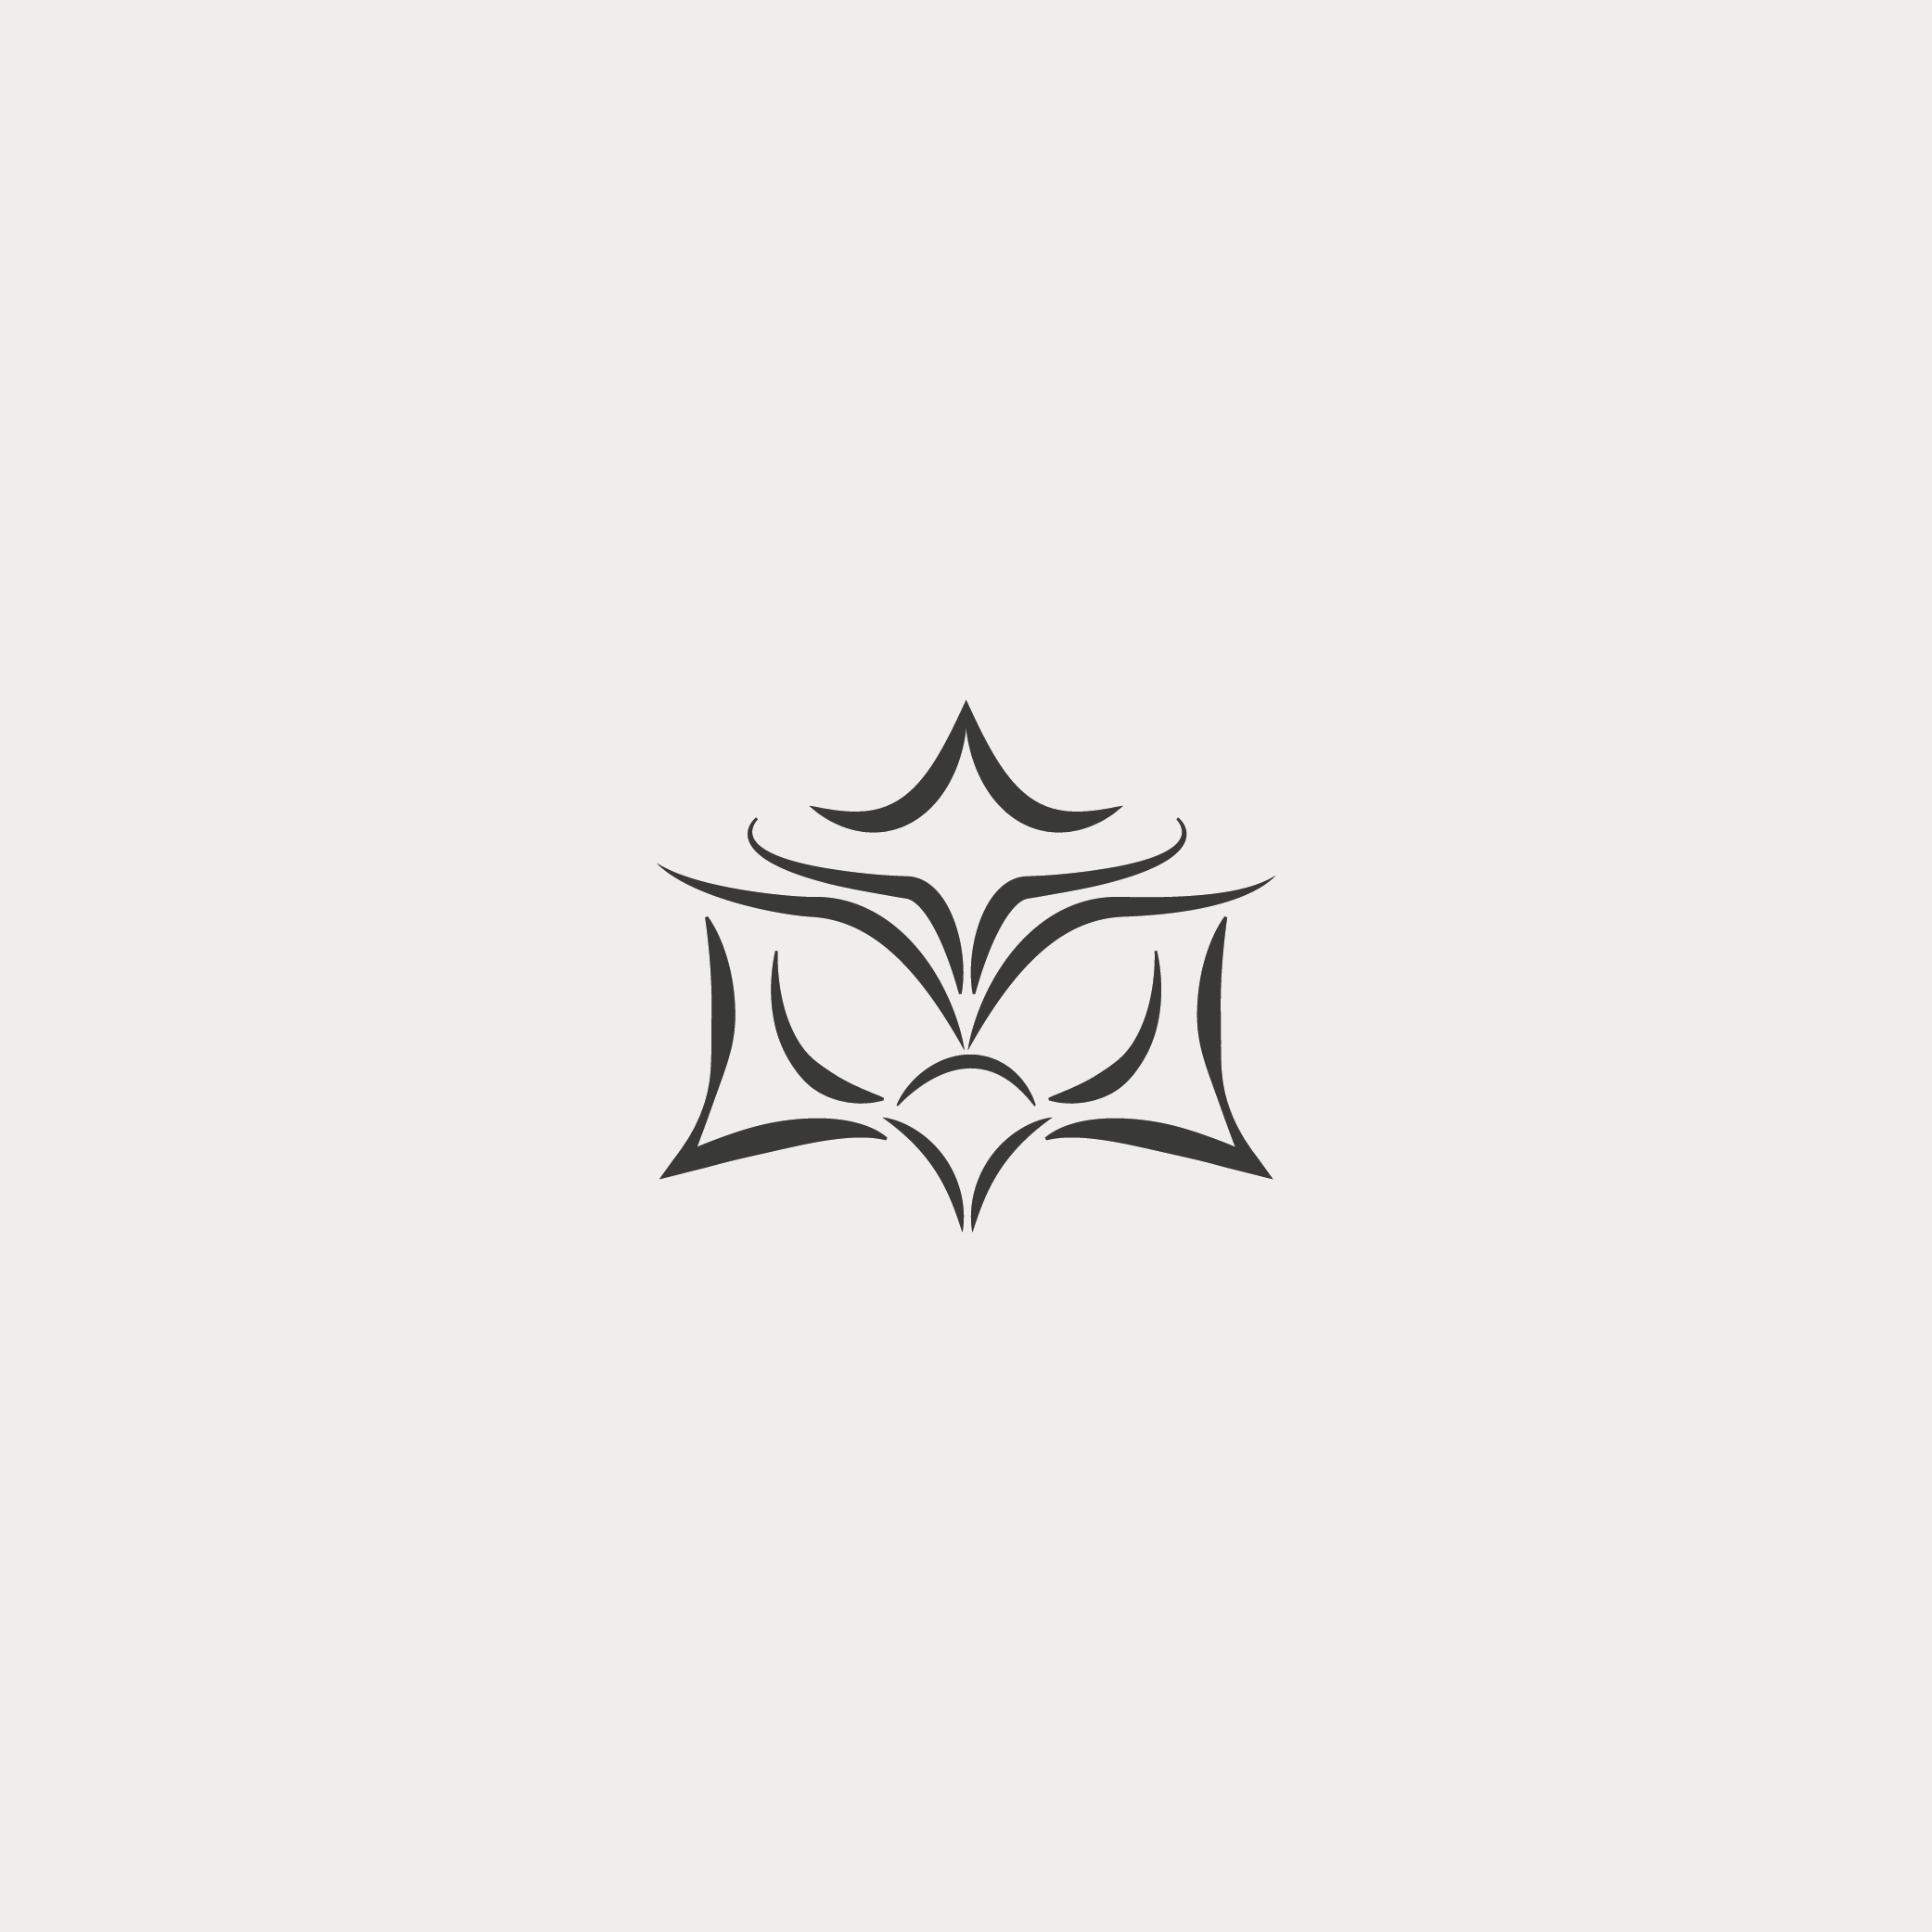 Crown Bird - Apollo Creative Co - Hampshire Graphic Design